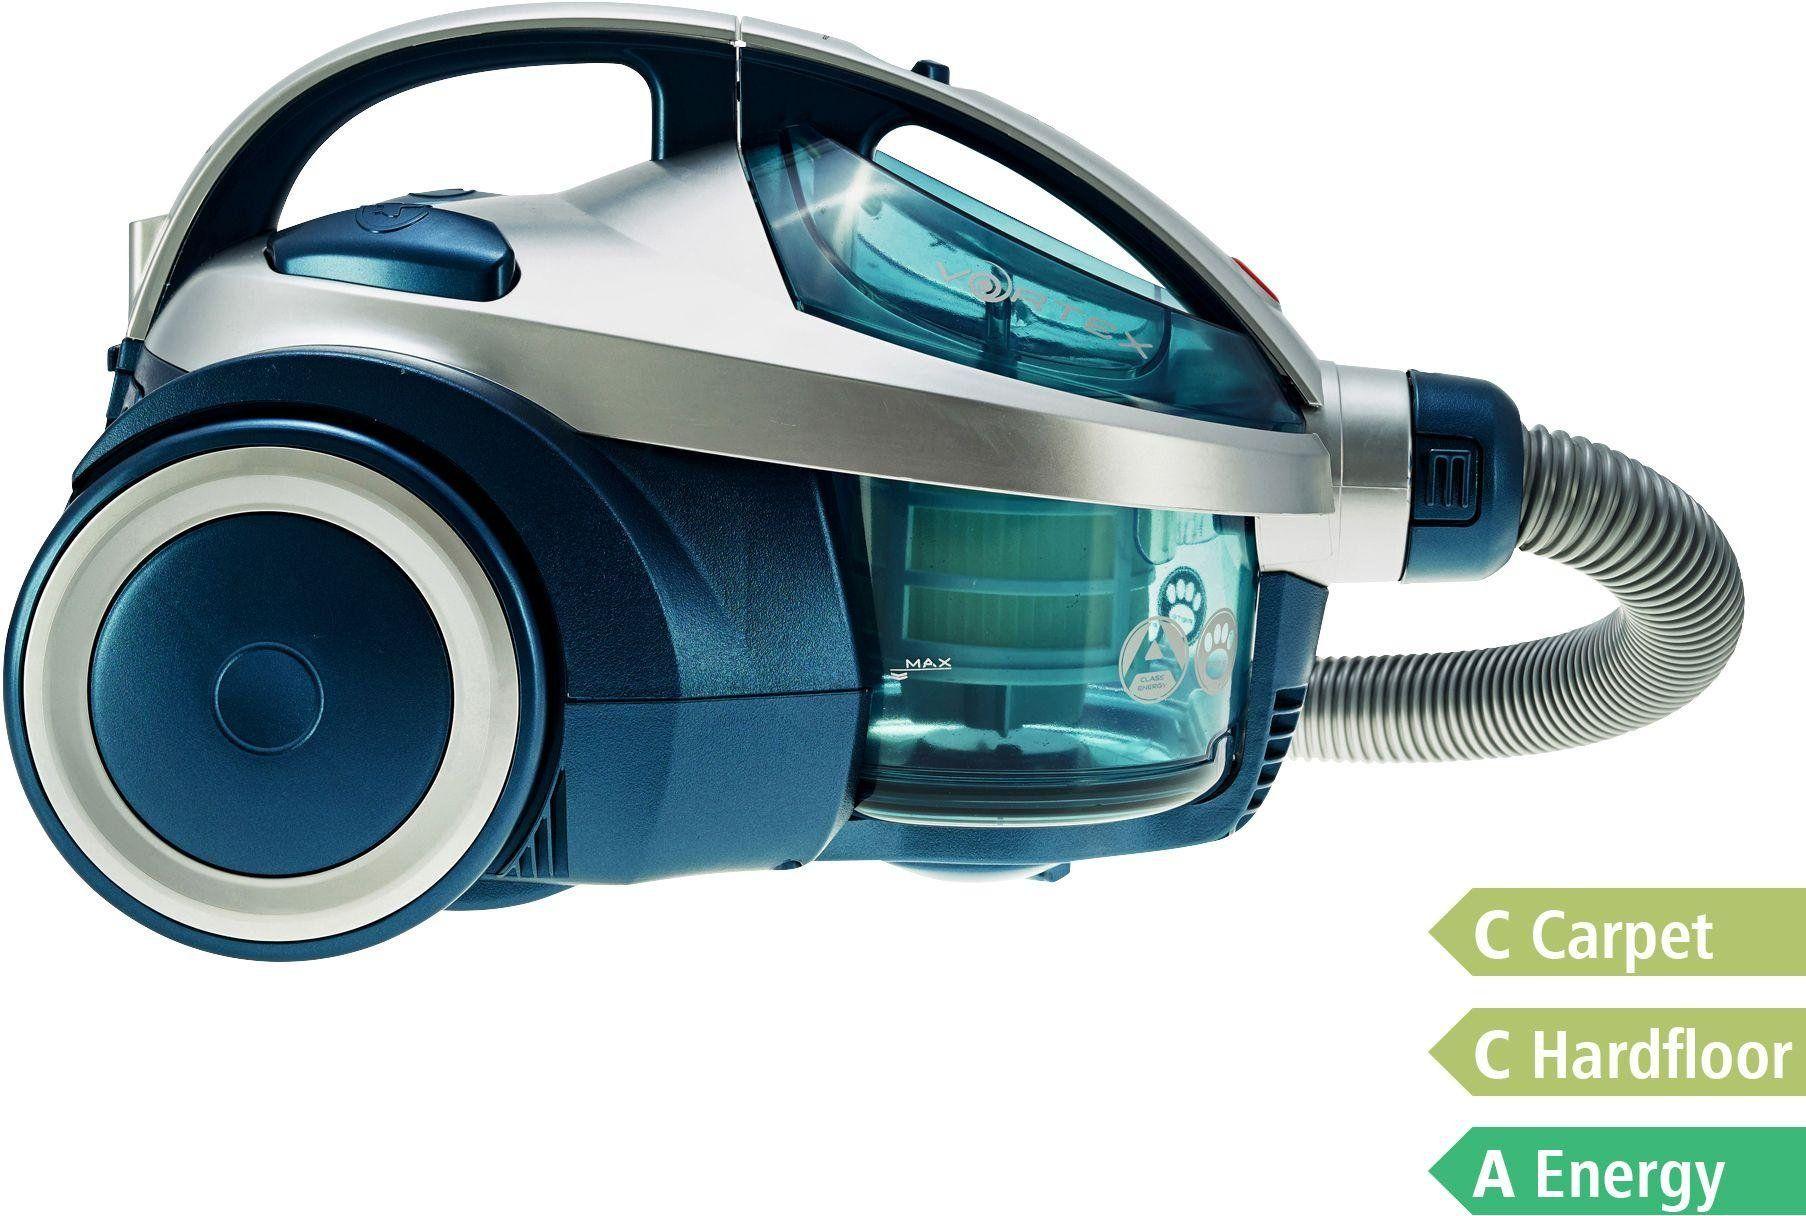 Hoover Vortex SE71VX Bagless Cylinder Vacuum Cleaner The